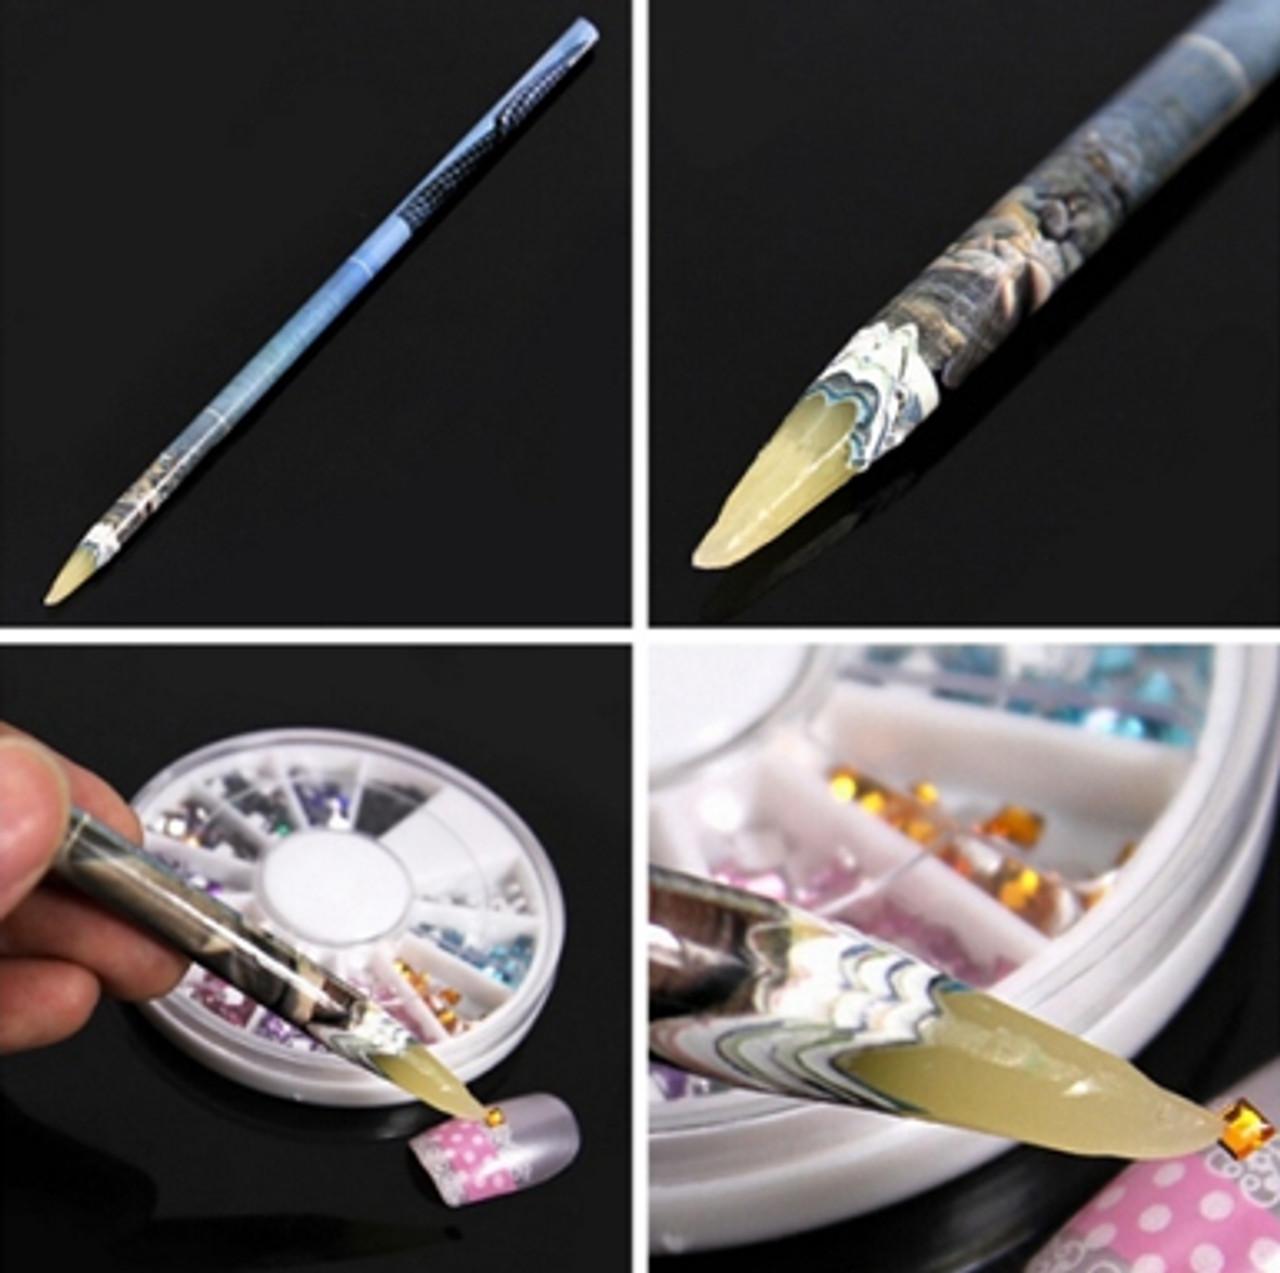 1 pc Wax Rhinestone Picker Pencil